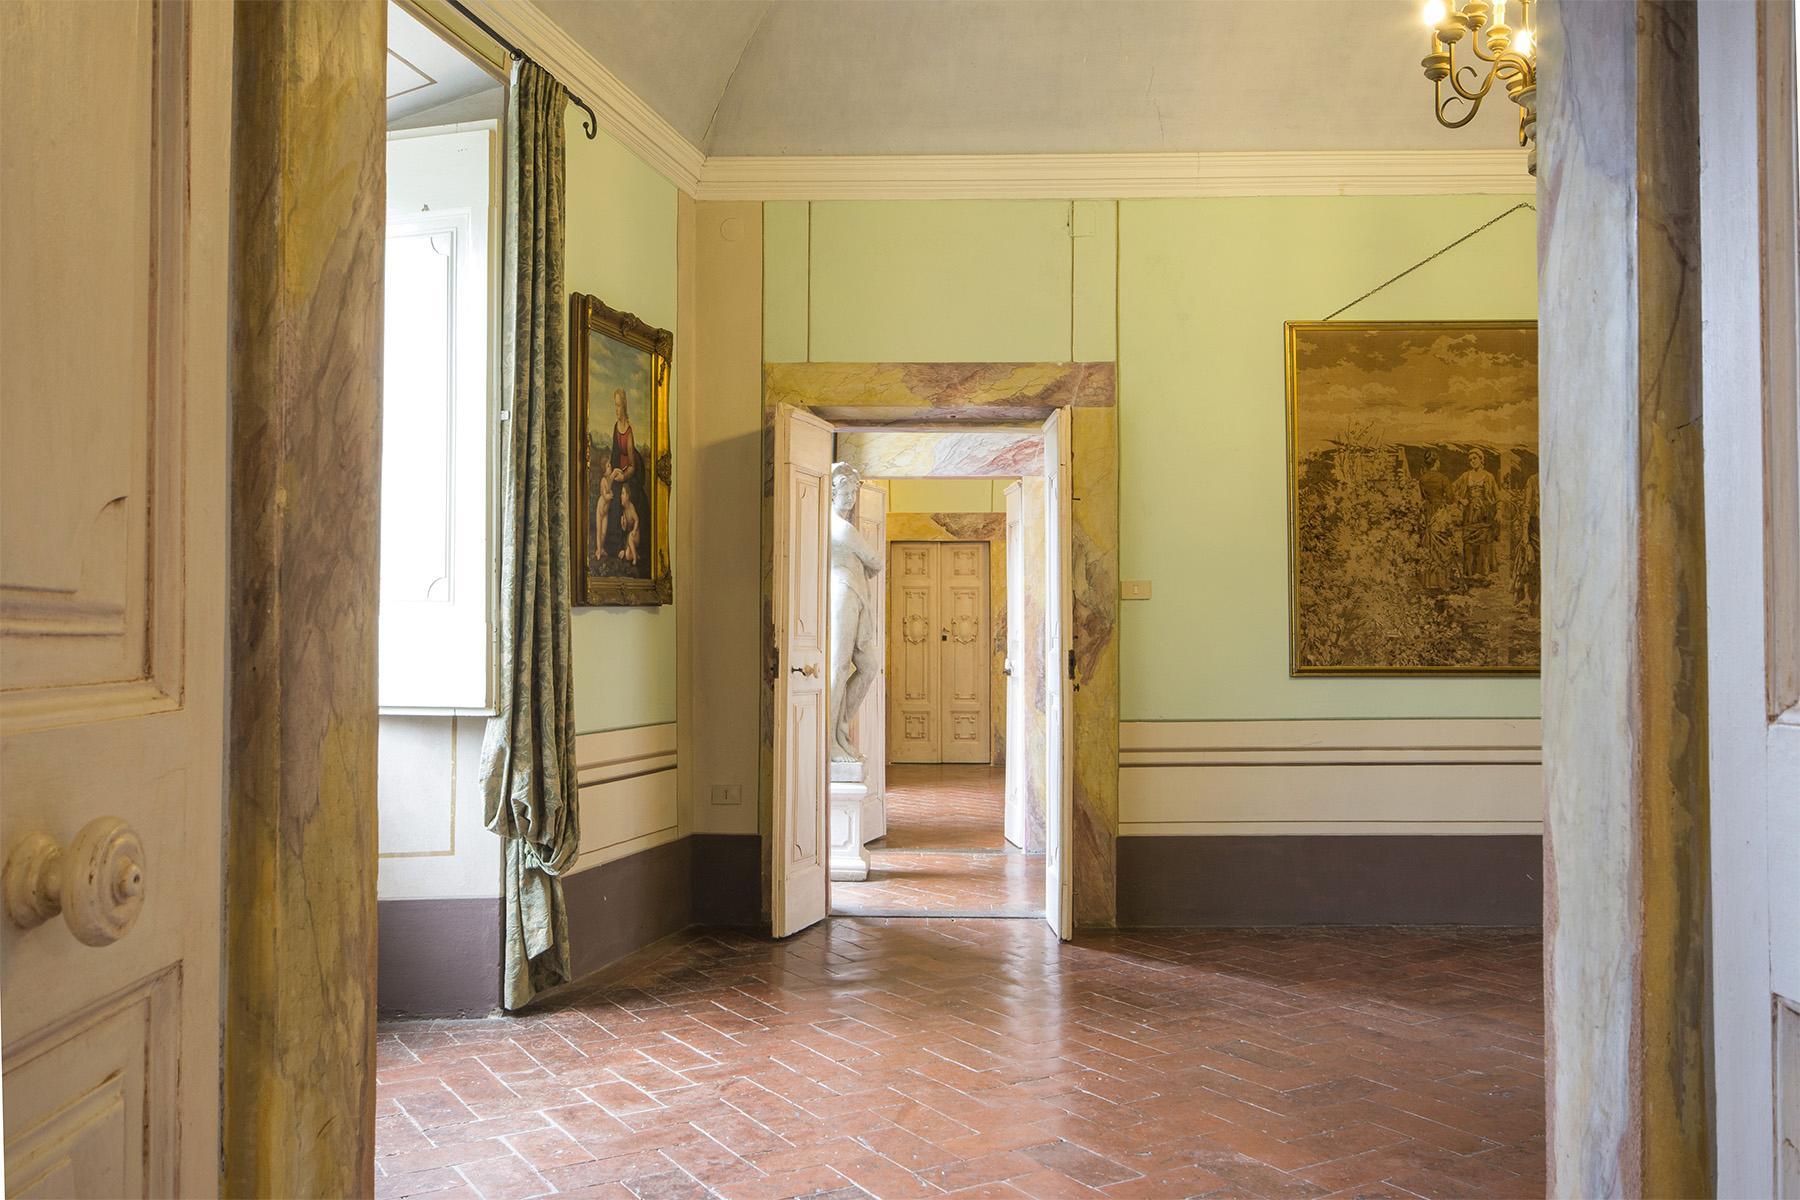 Meravigliosa Villa Medicea sulle colline Pisane - 8